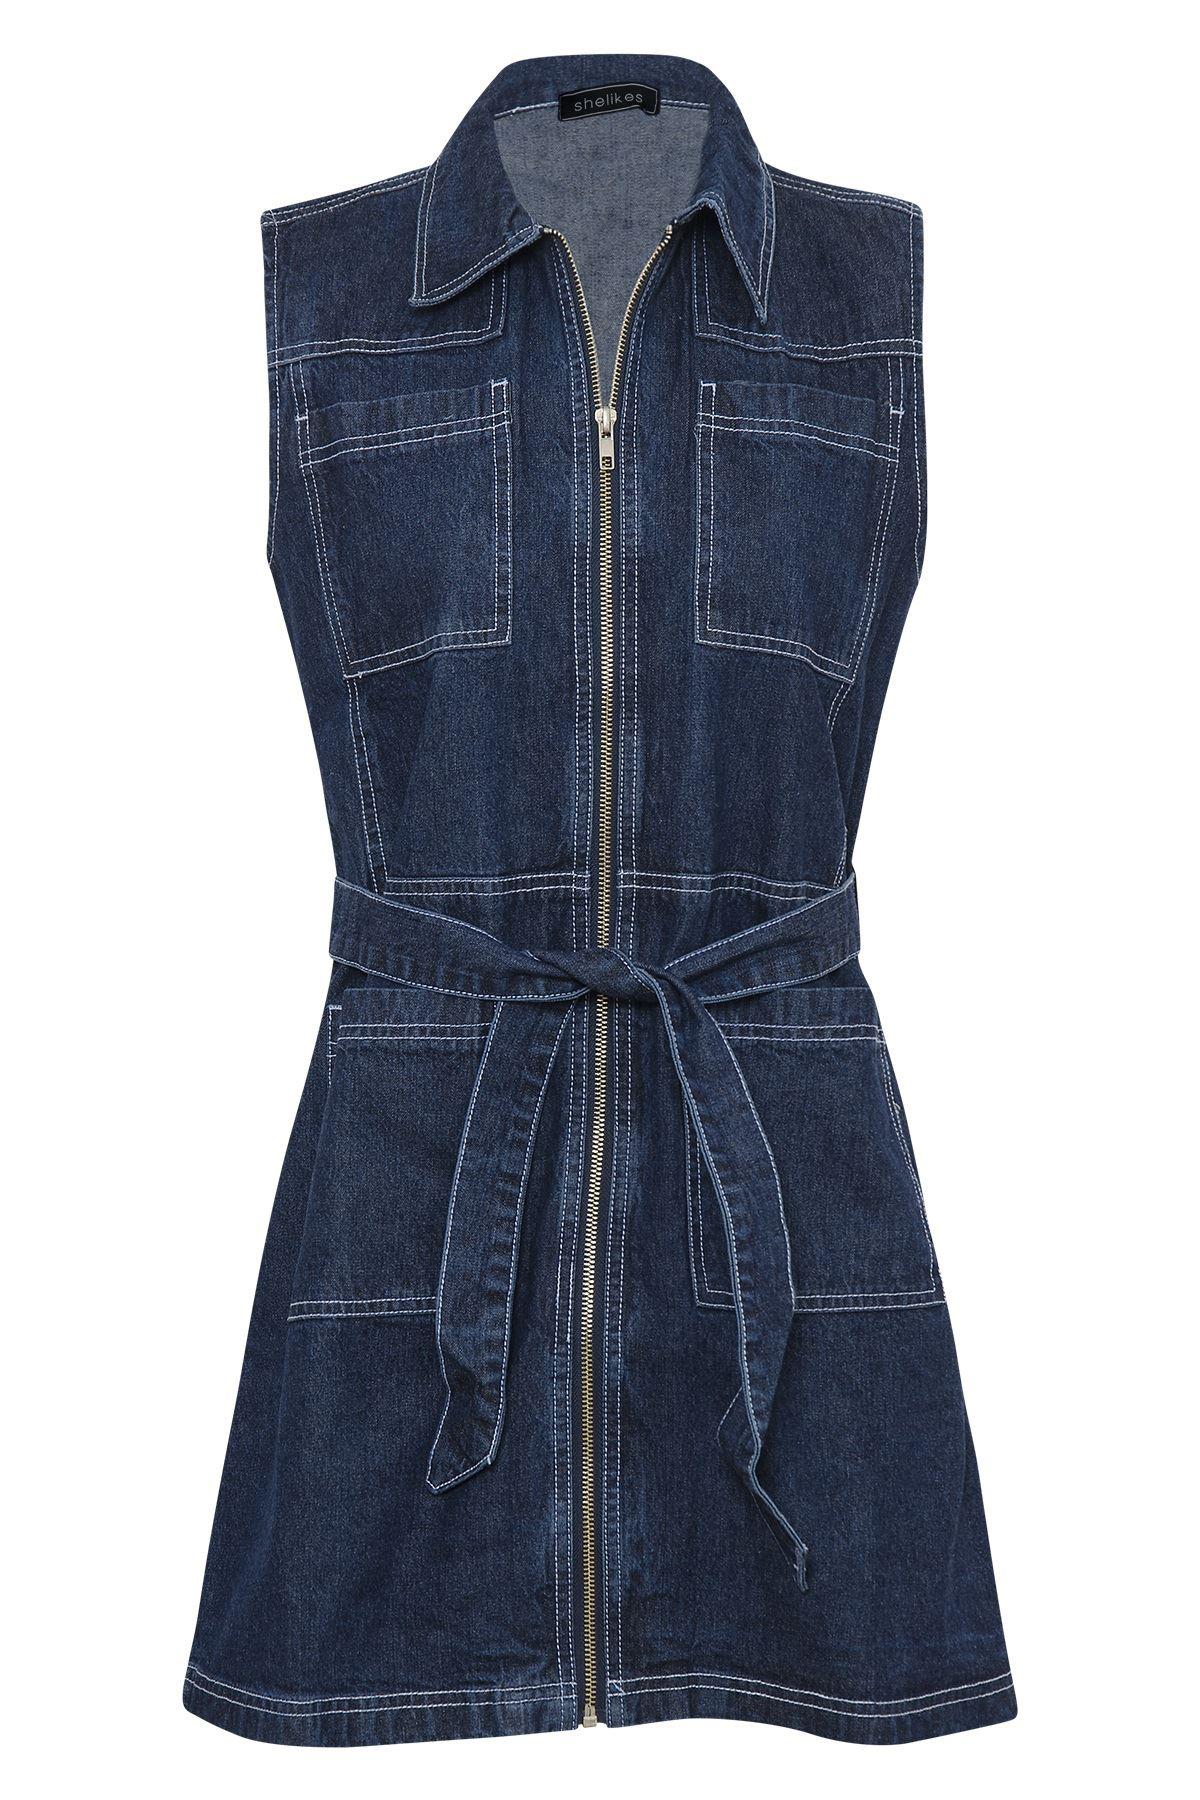 Womens Denim Sleeveless Zip Front Pockets Shirt Collar